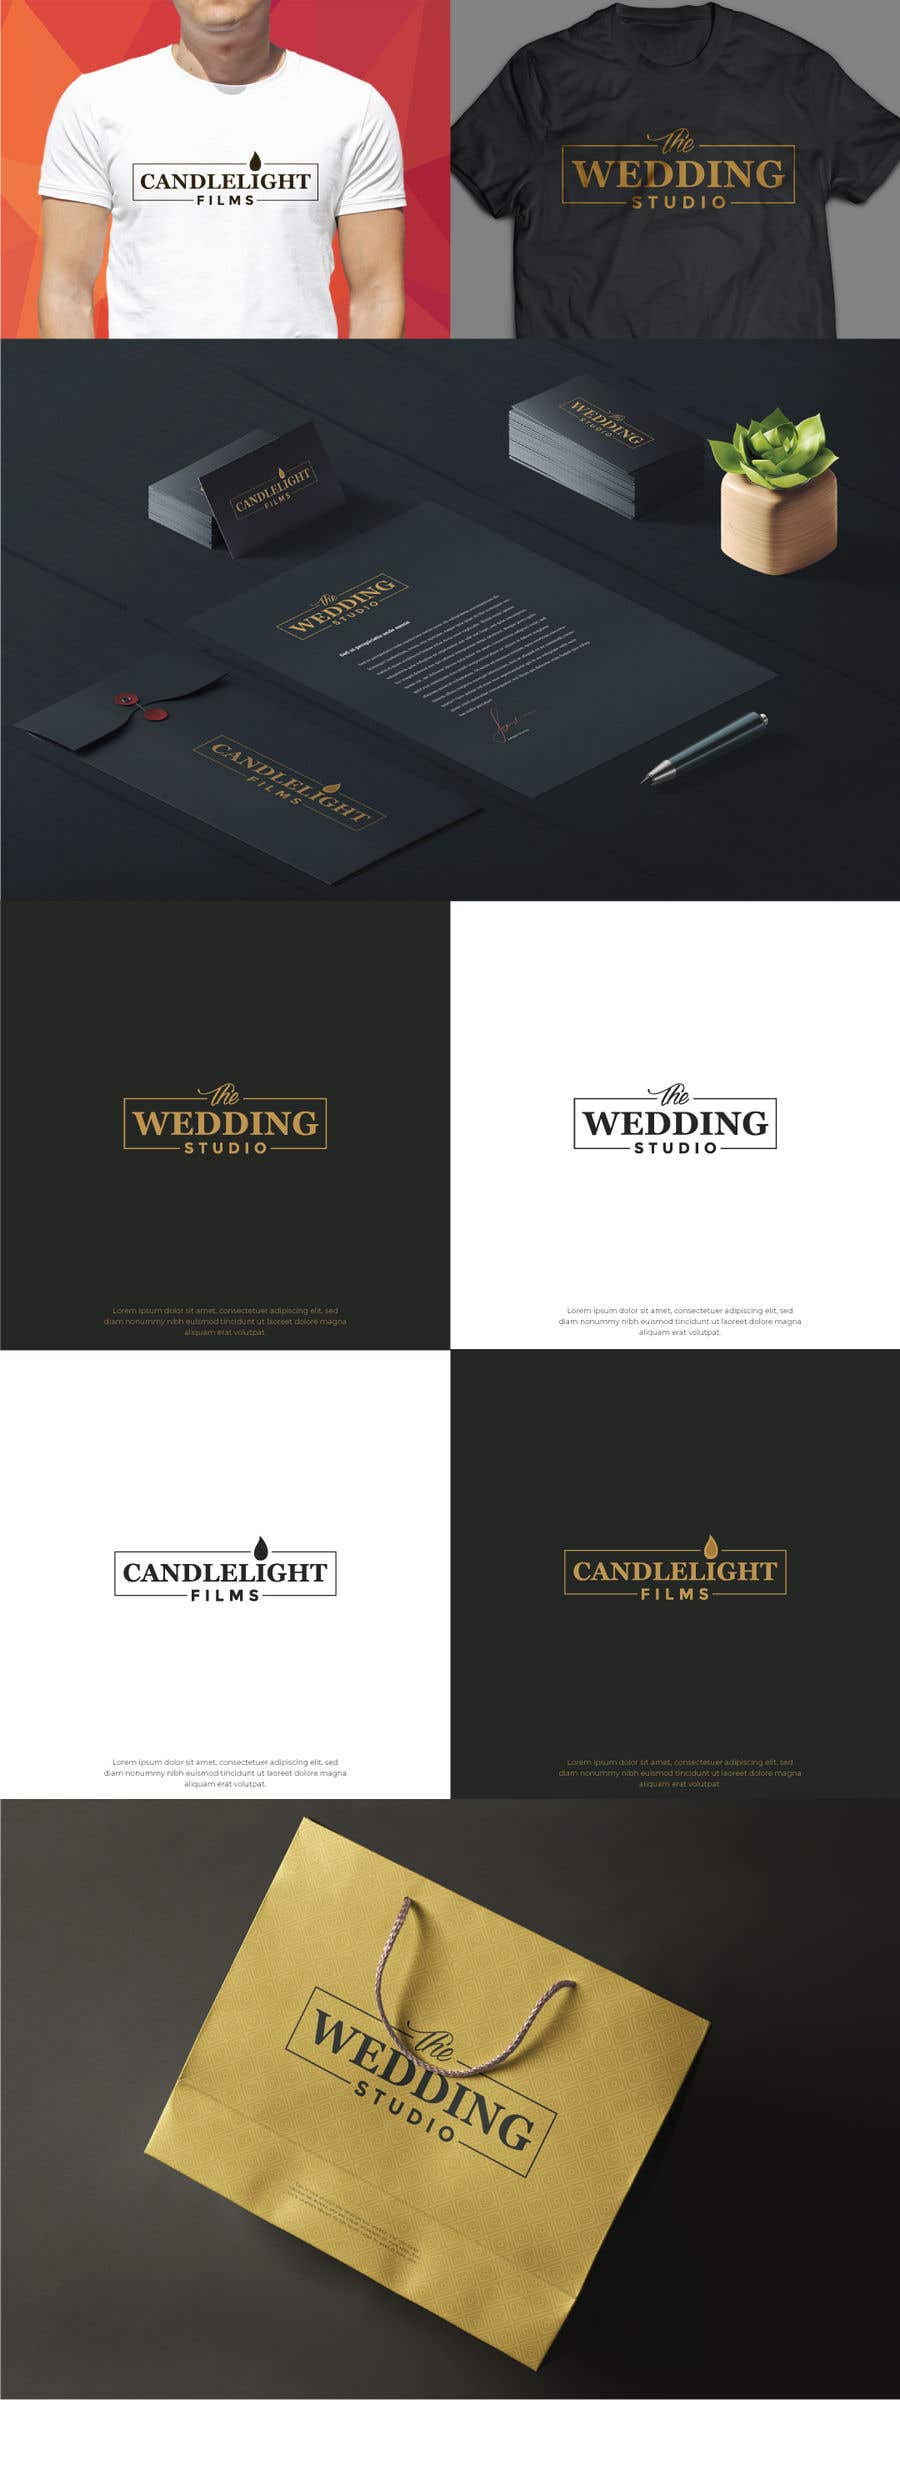 Penyertaan Peraduan #106 untuk Design 2 logos and corporate packs for each